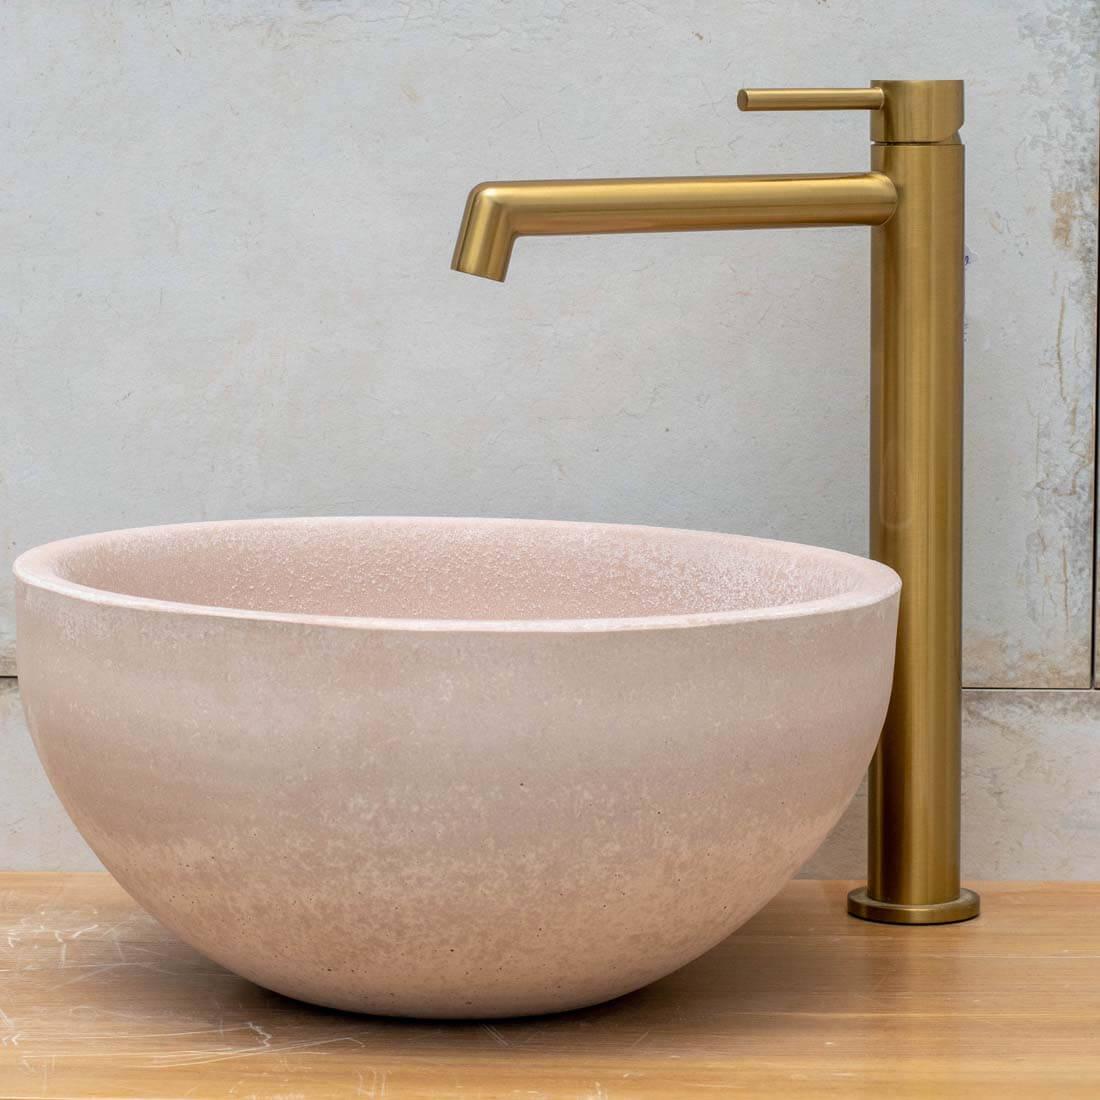 ברז אמבטיה - בונטון גבוה עגול גולד מט